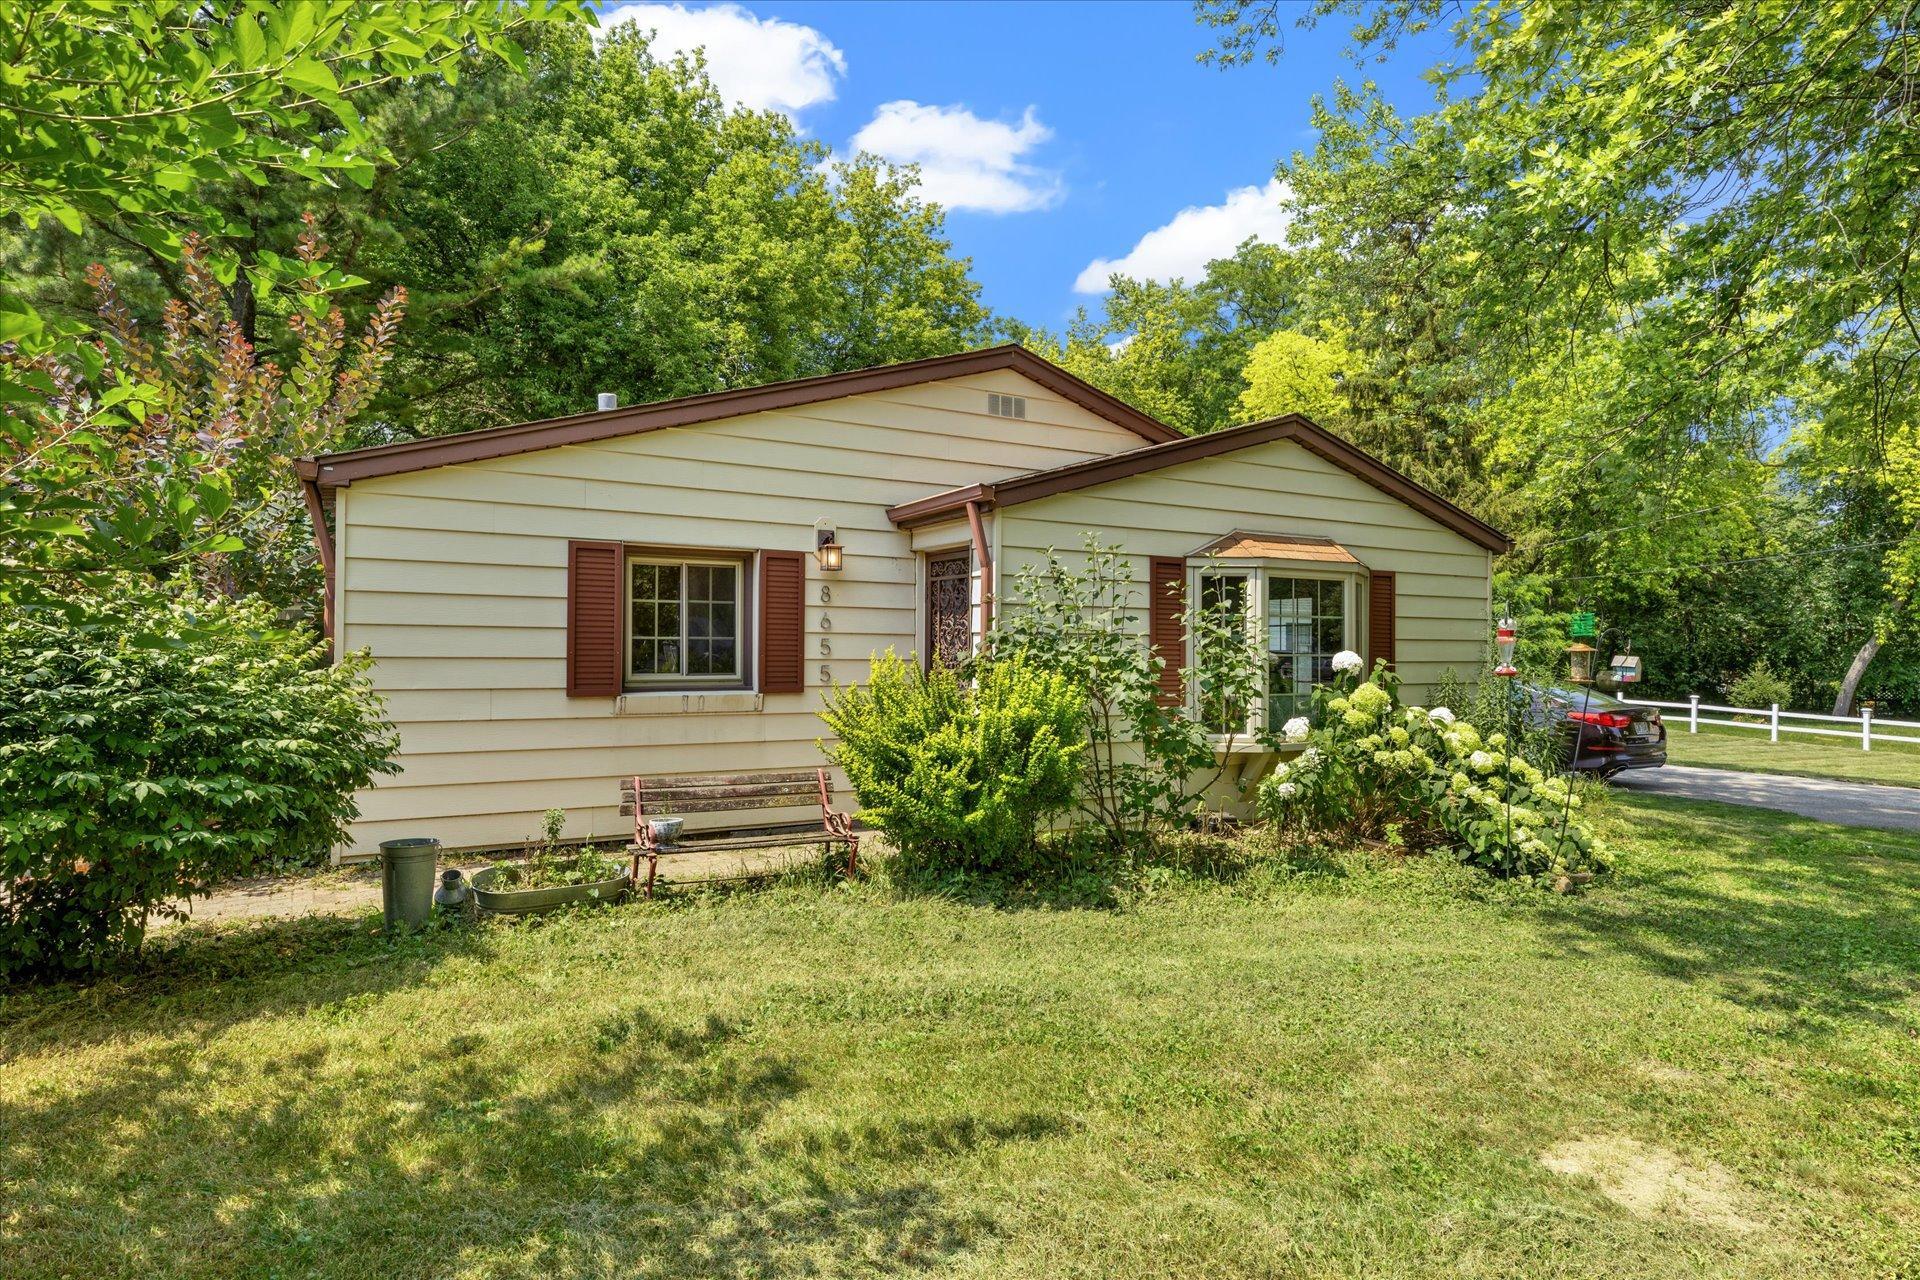 8655 N 66th St Brown Deer, WI 53223 Property Image